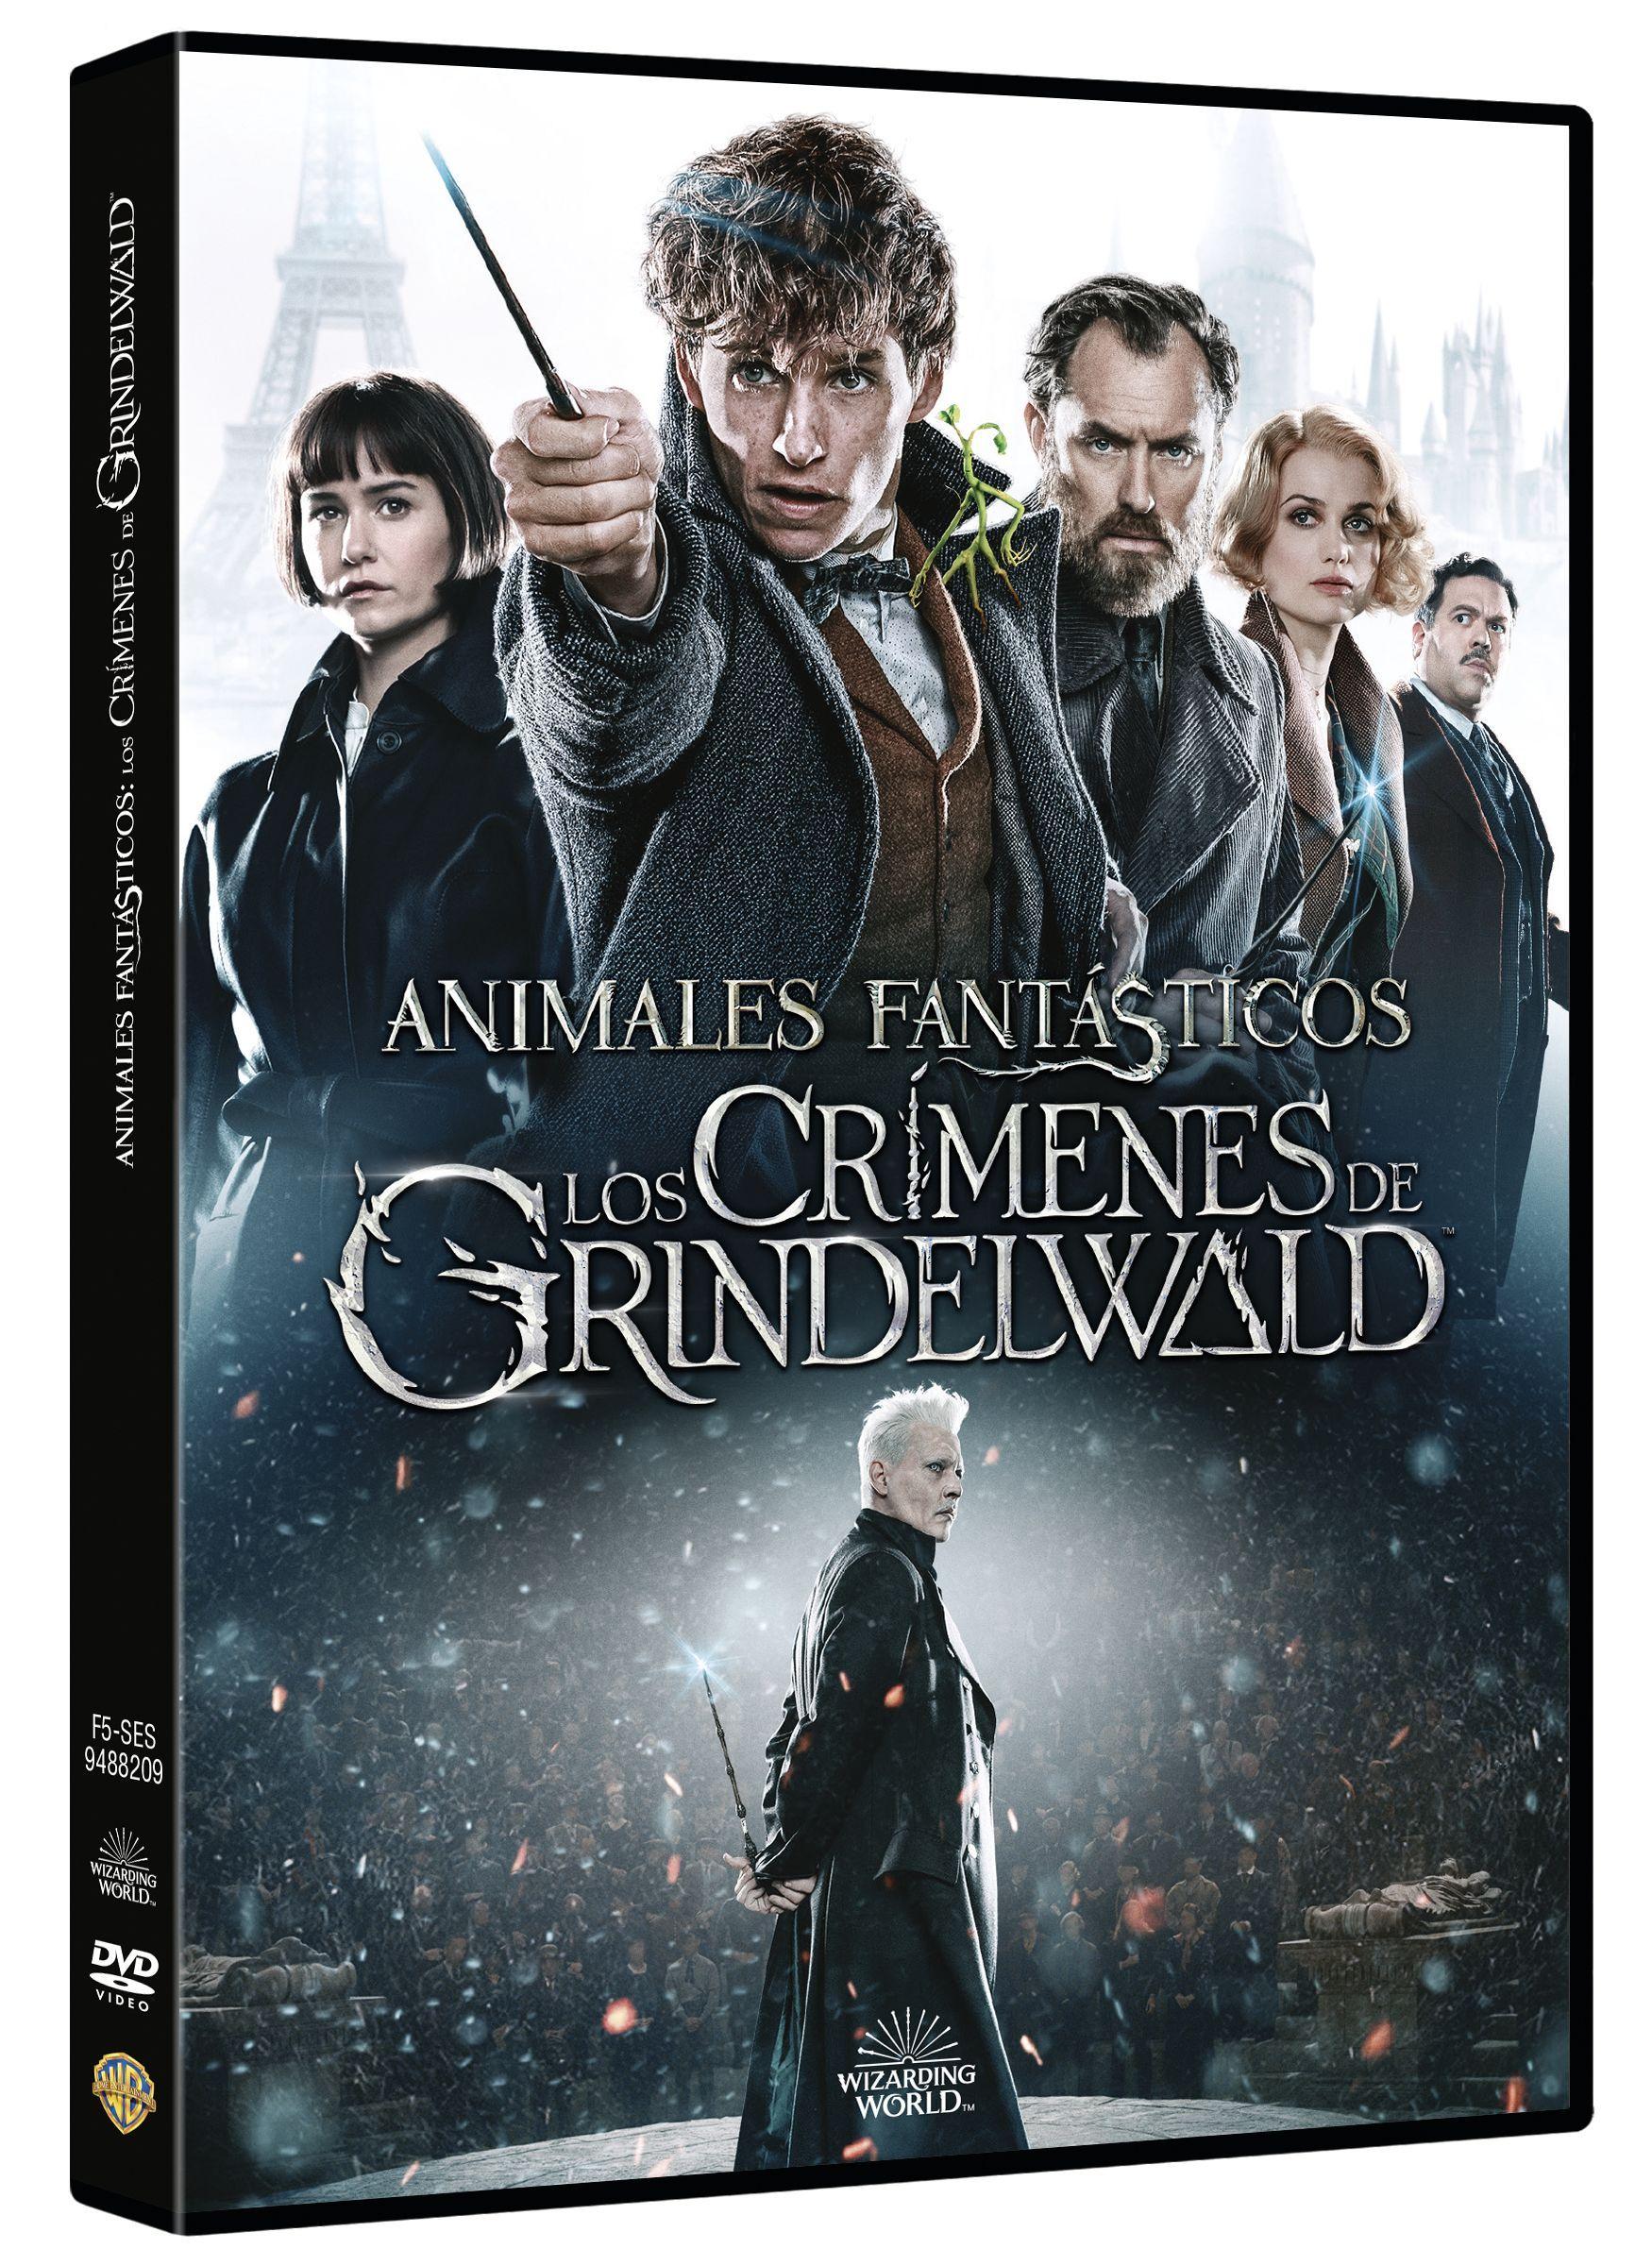 animales fantásticos: los crímenes de grindelwald - dvd --8420266021588